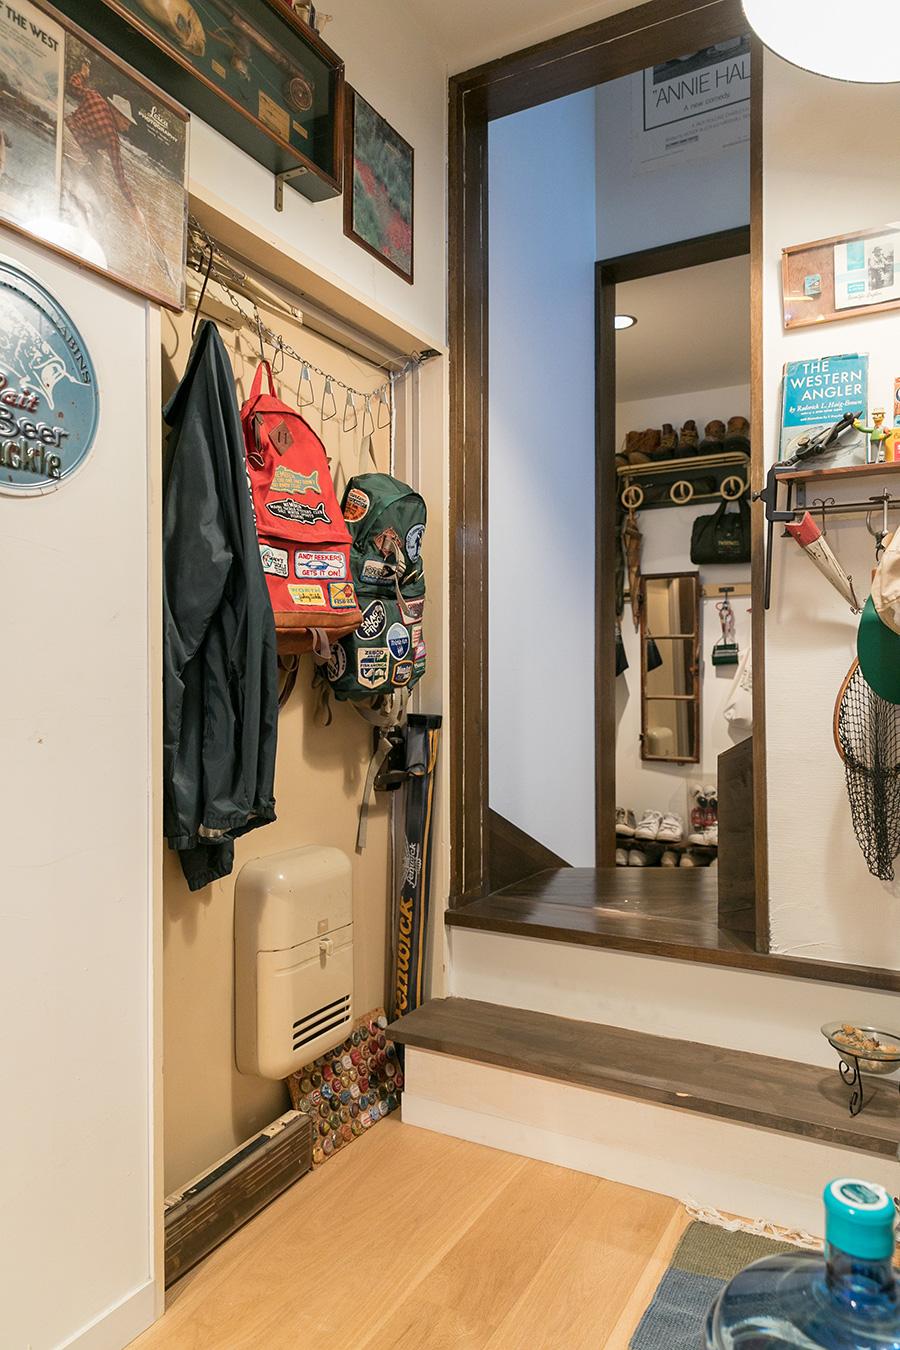 別世帯だった部屋の玄関ドアを塞がず、あえて残しているのがおもしろい。